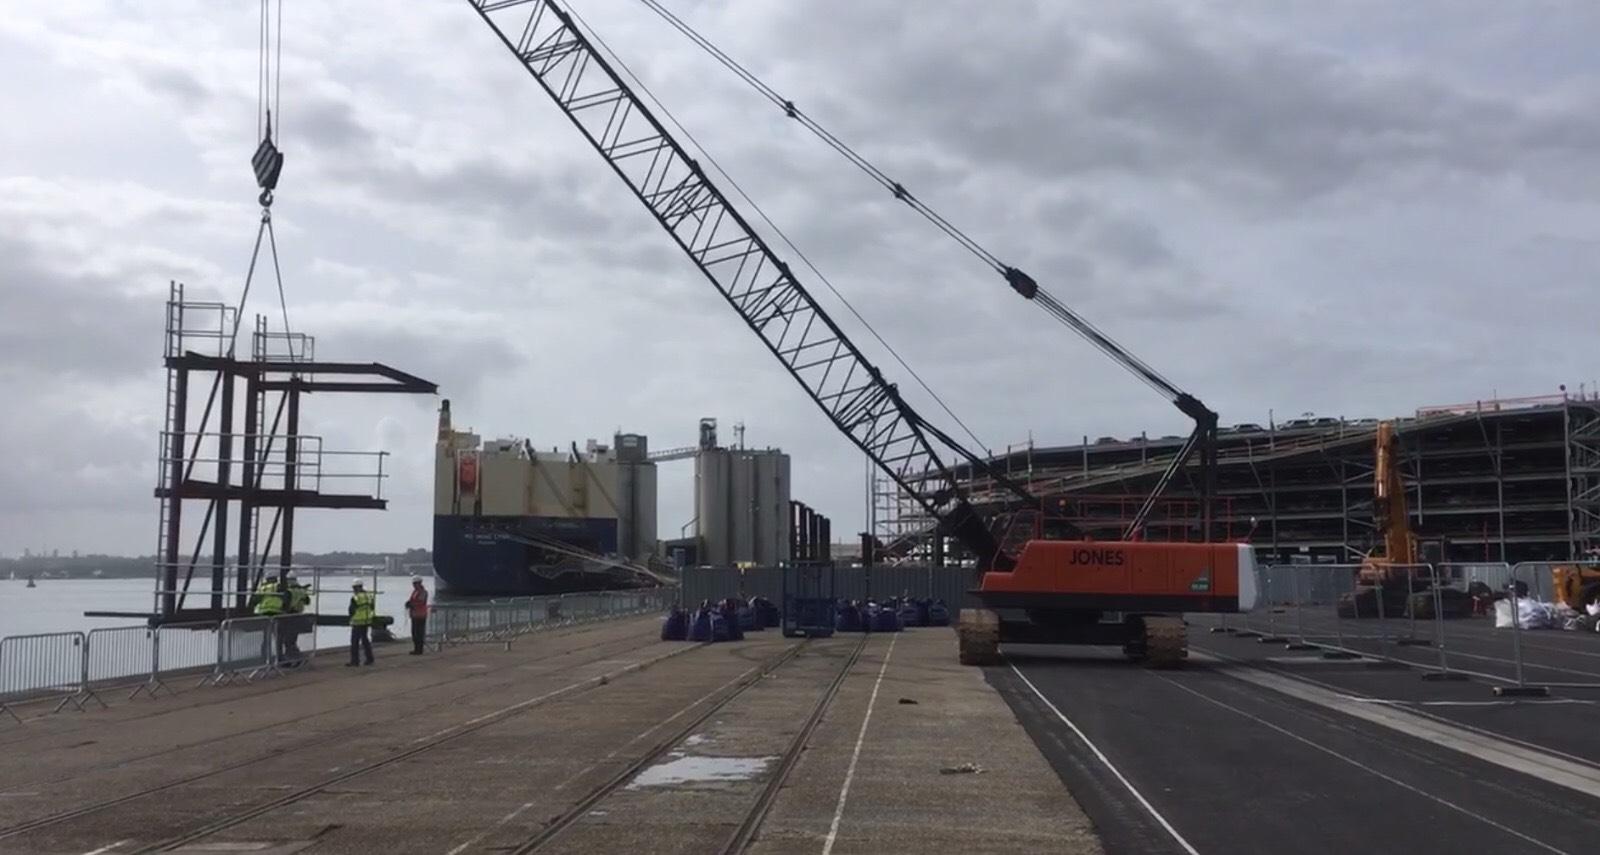 ABP Southampton Berths 30 – 33 Improvements